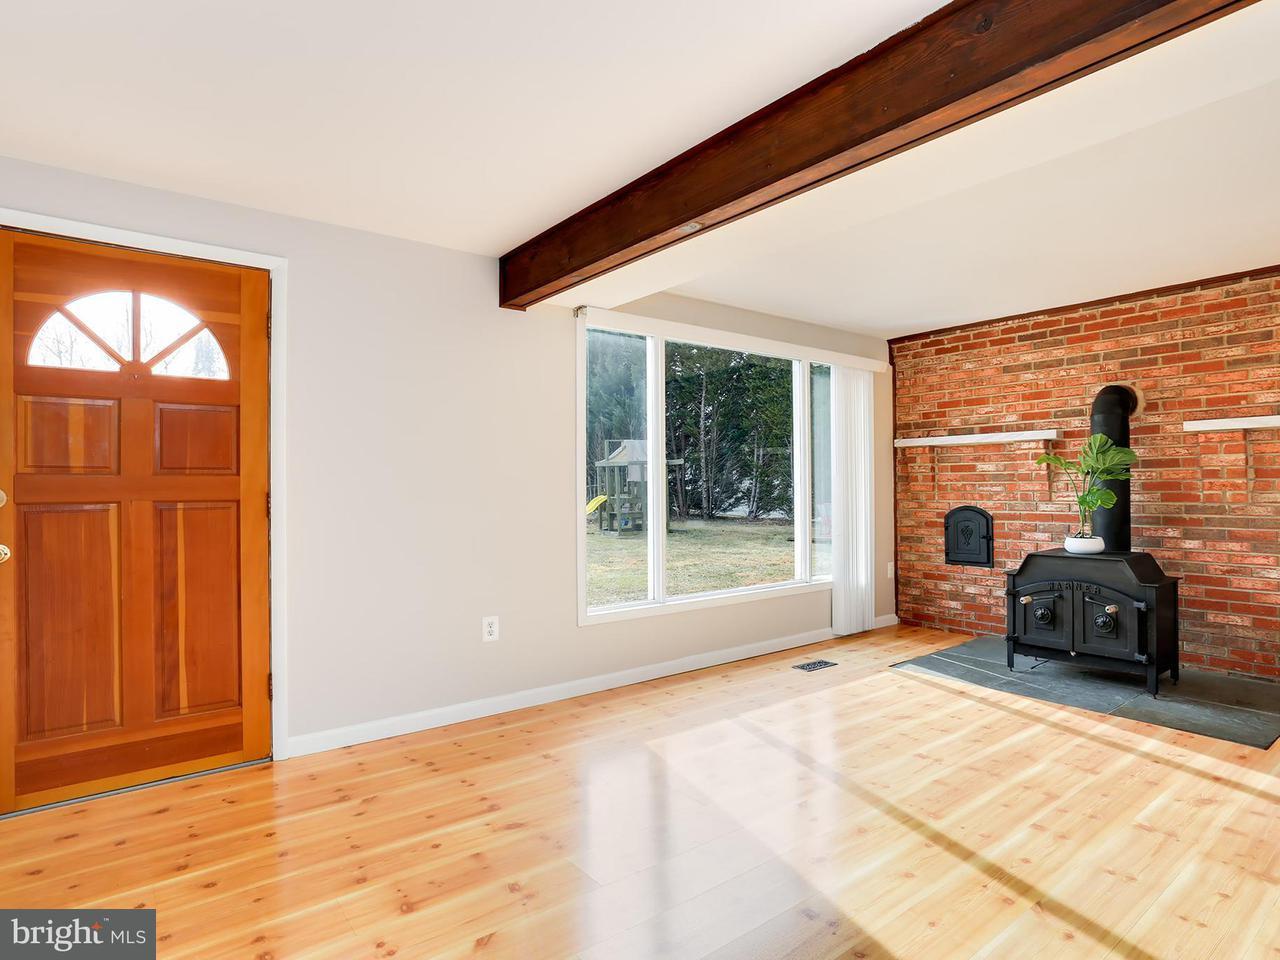 一戸建て のために 売買 アット 13206 Ewood Lane 13206 Ewood Lane Silver Spring, メリーランド 20906 アメリカ合衆国